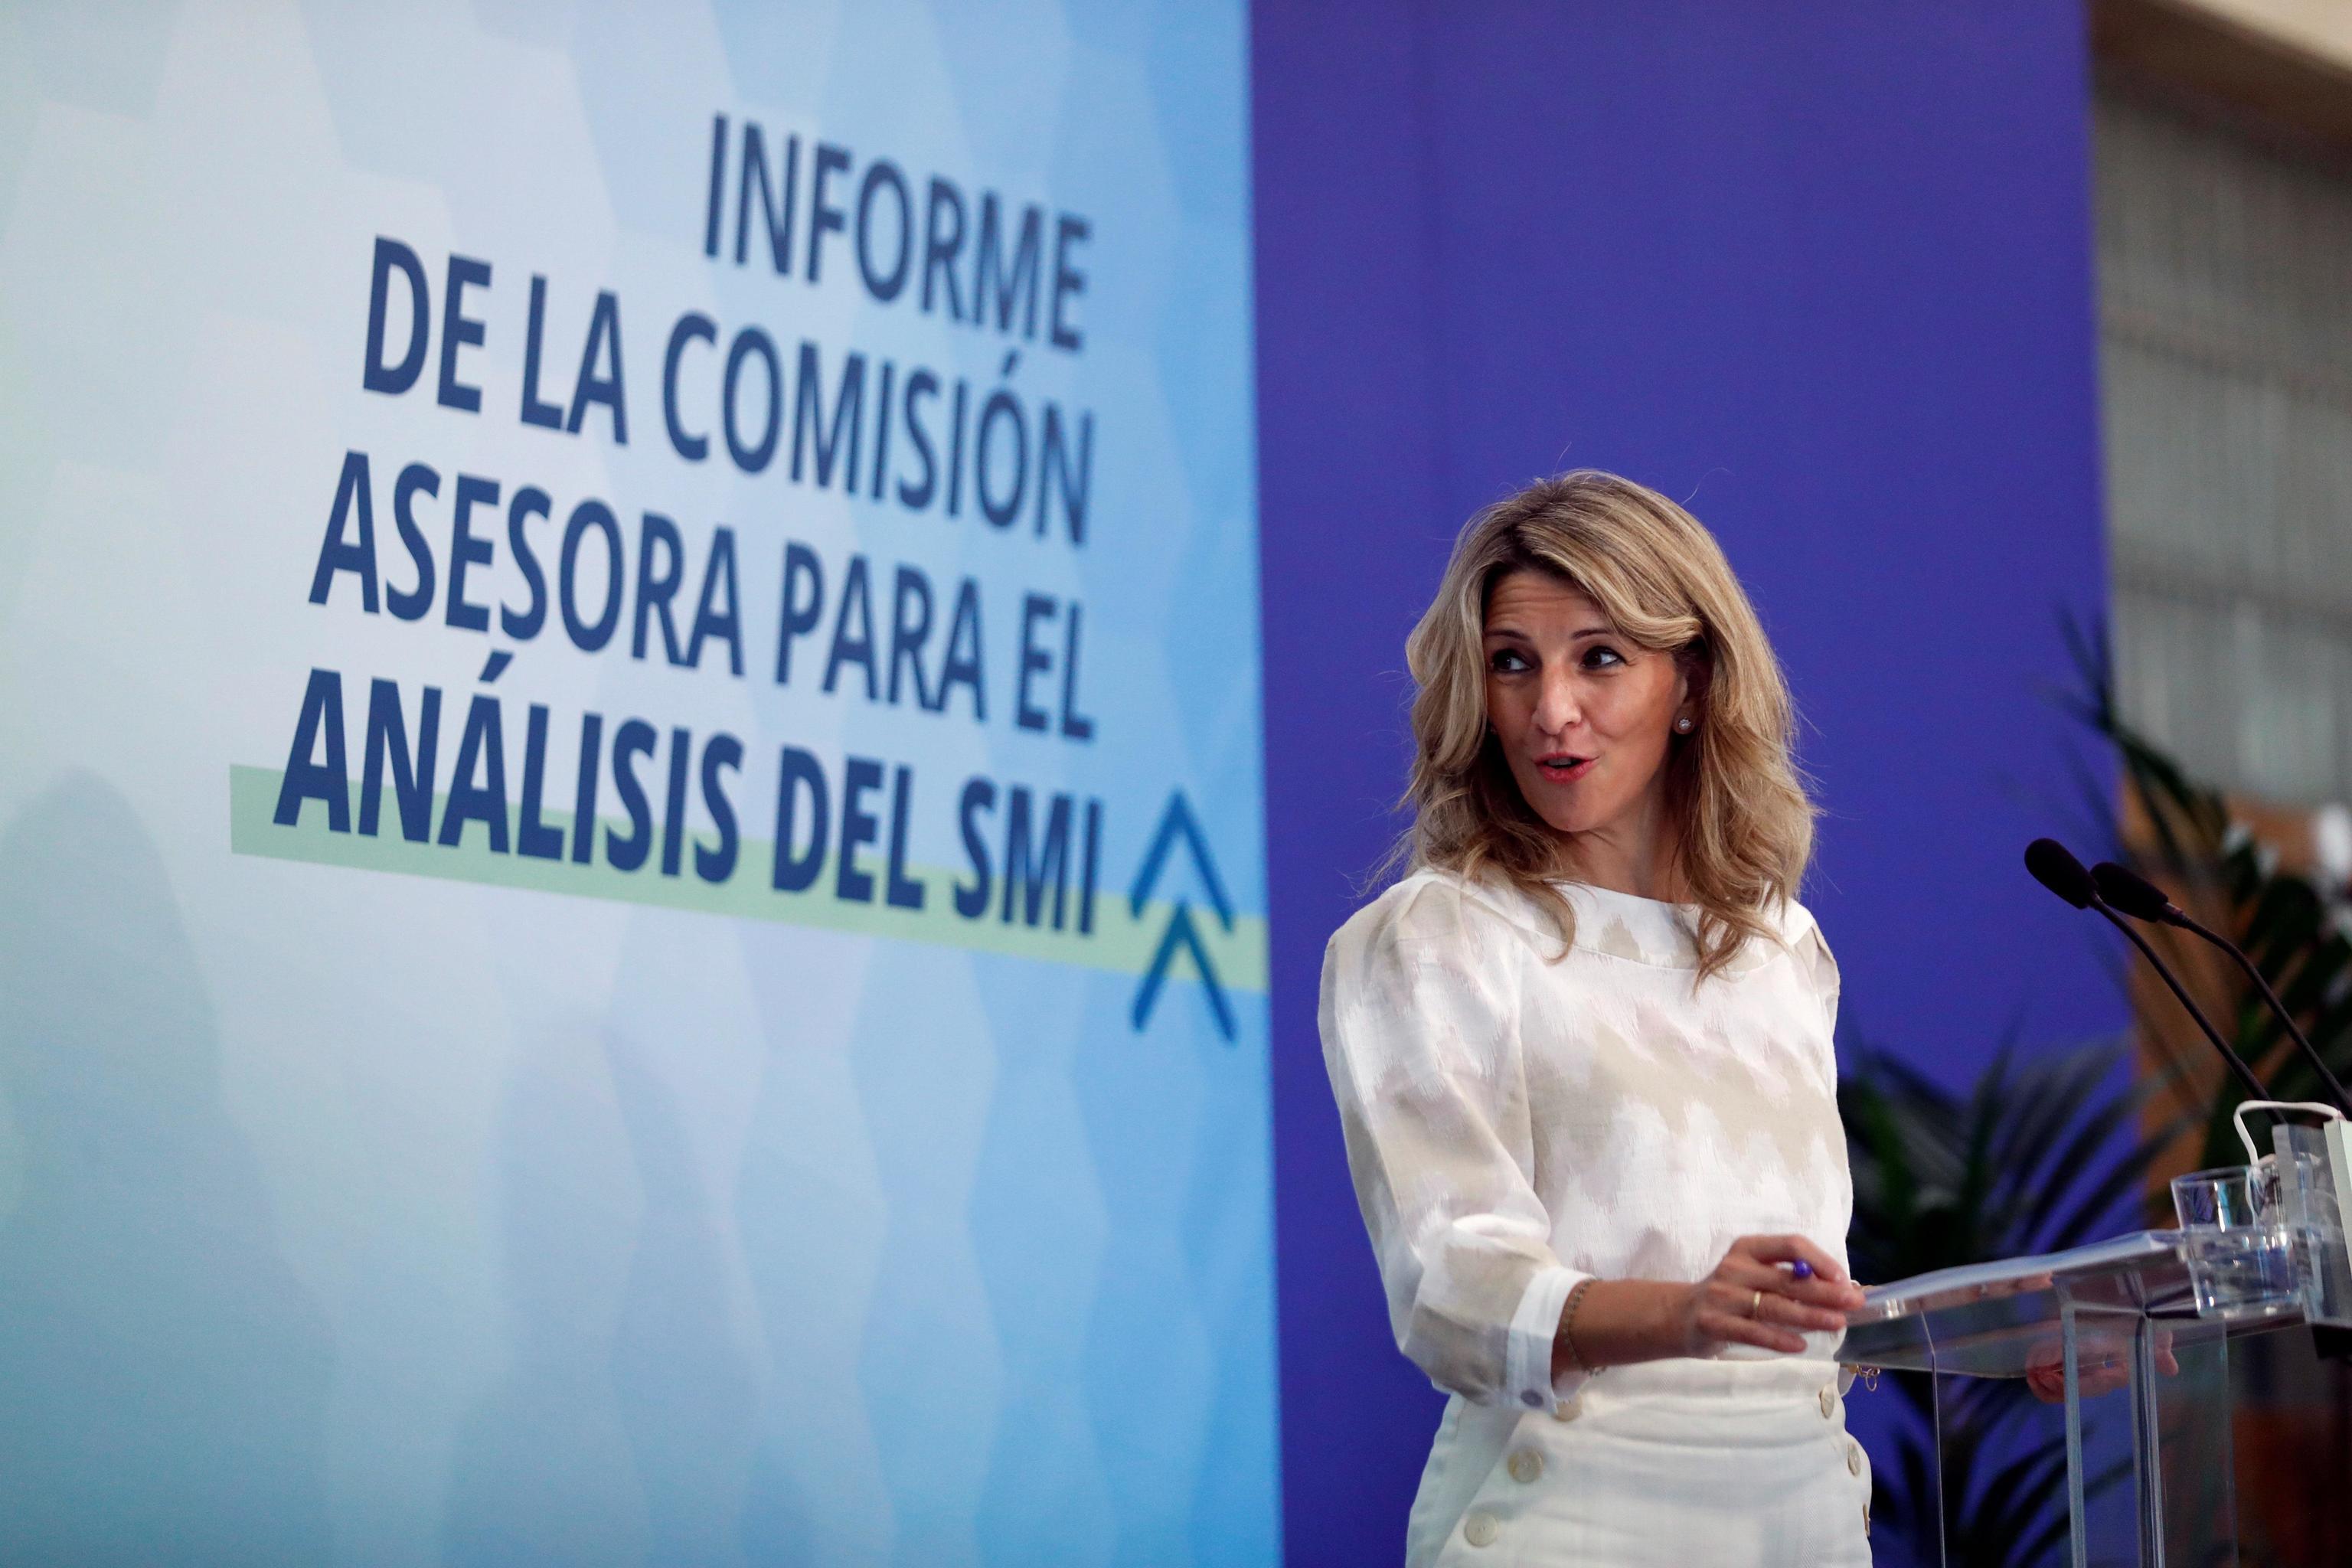 La vicepresidenta tercera y ministra de Trabajo Yolanda Díaz, en el acto en el que ha recibido el informe  sobre el SMI, este viernes en Madrid.